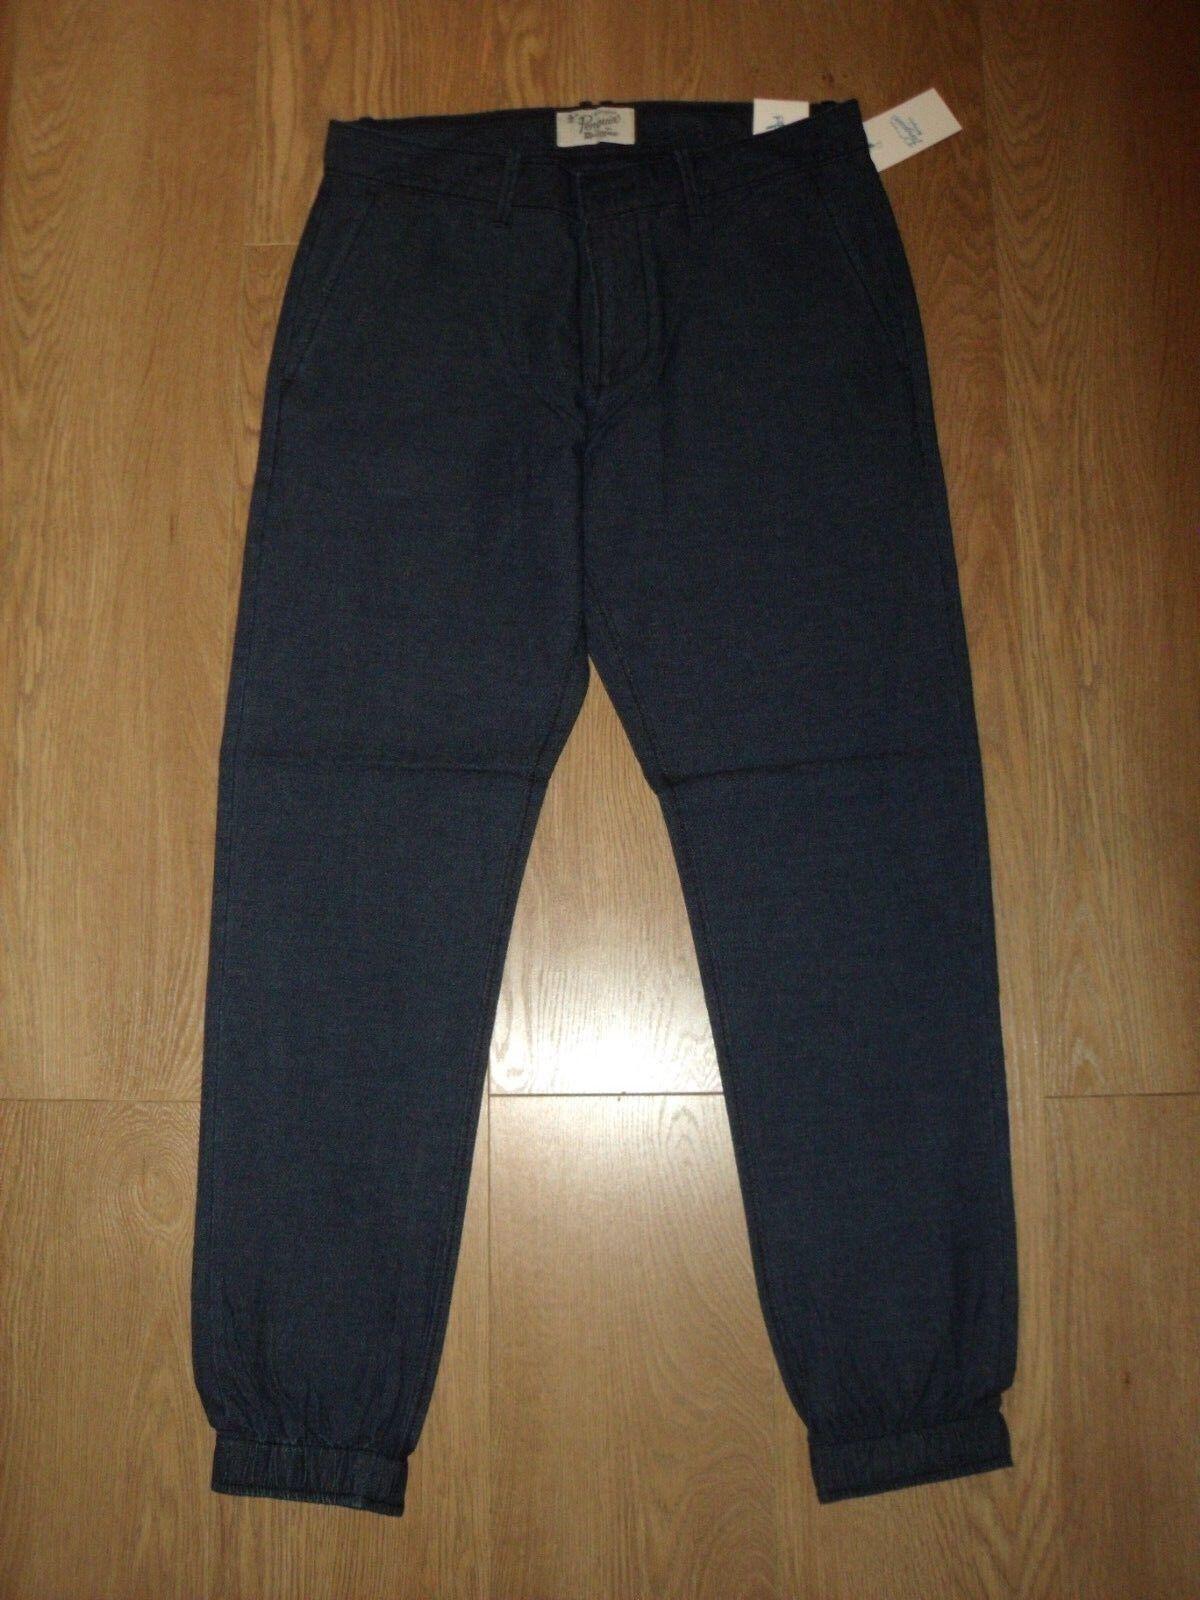 Original Penguin Slim Fit Cargo Trousers Light Cotton Dark Denim W32 R New